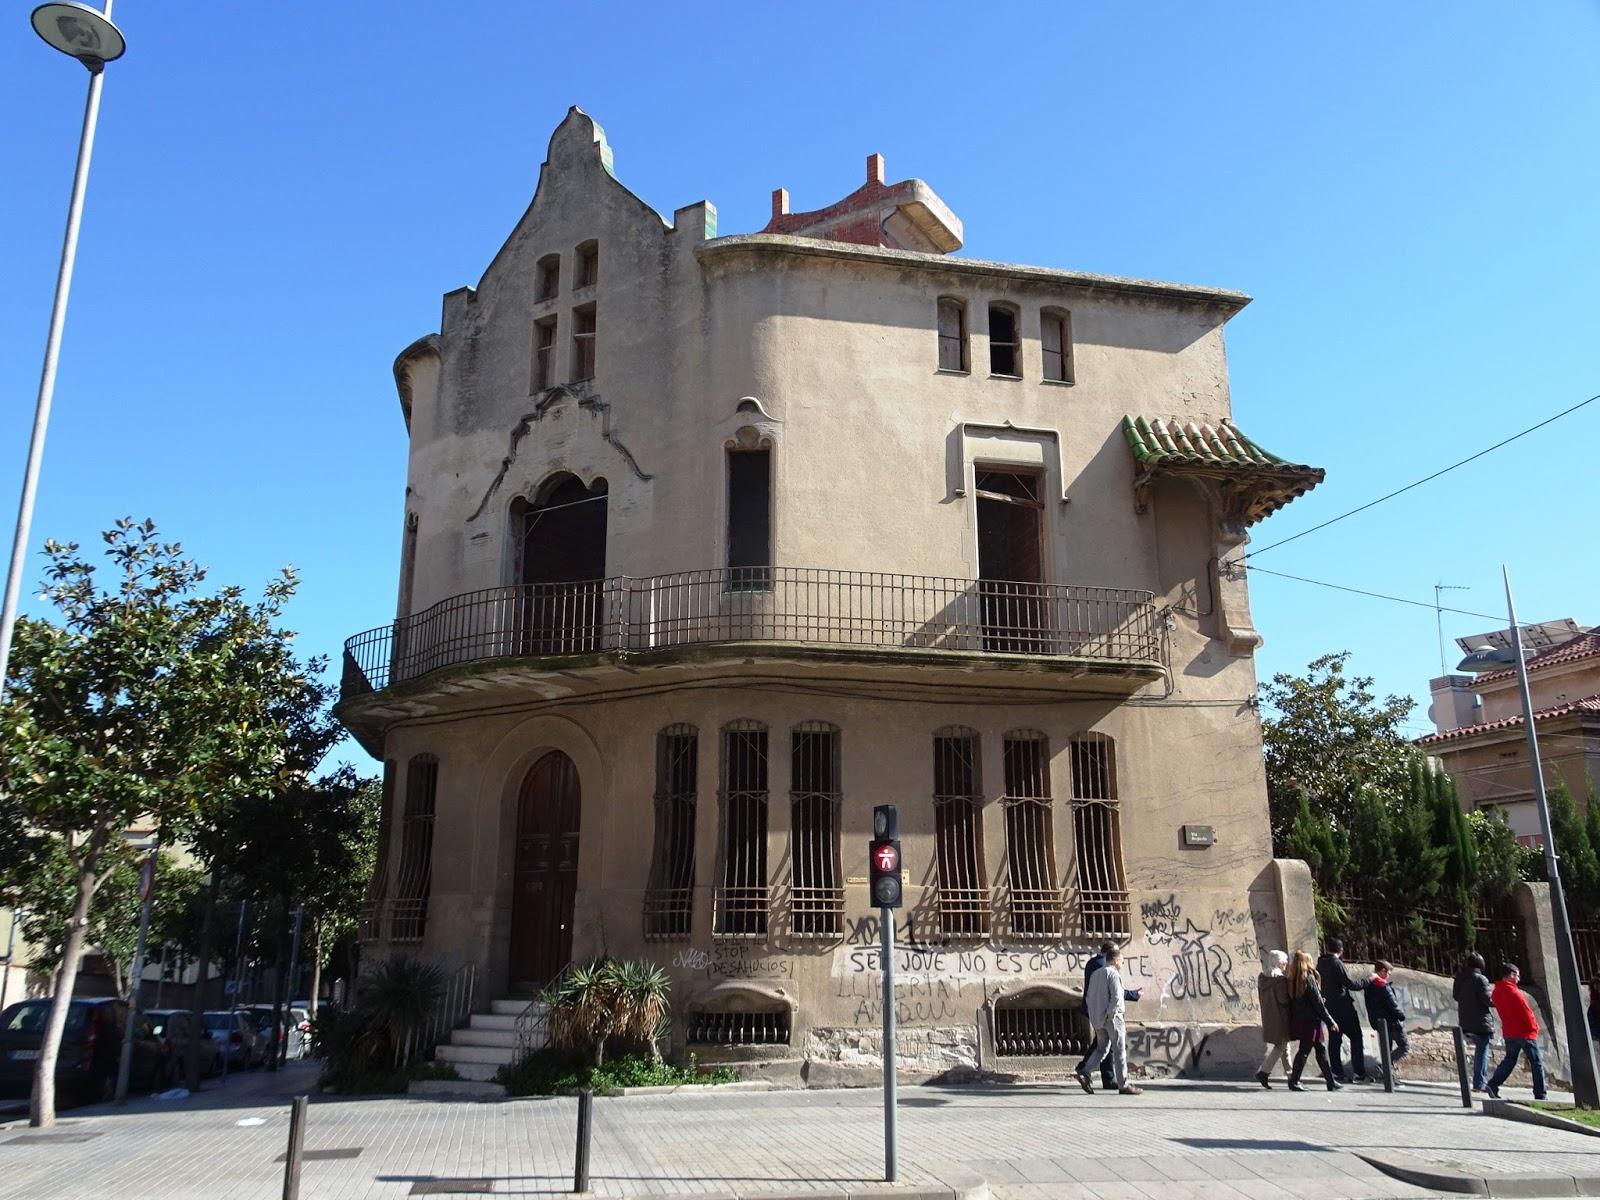 Redescubriendo barcelona y m s all 02 04 2017 badalona - Casa jardin badalona ...